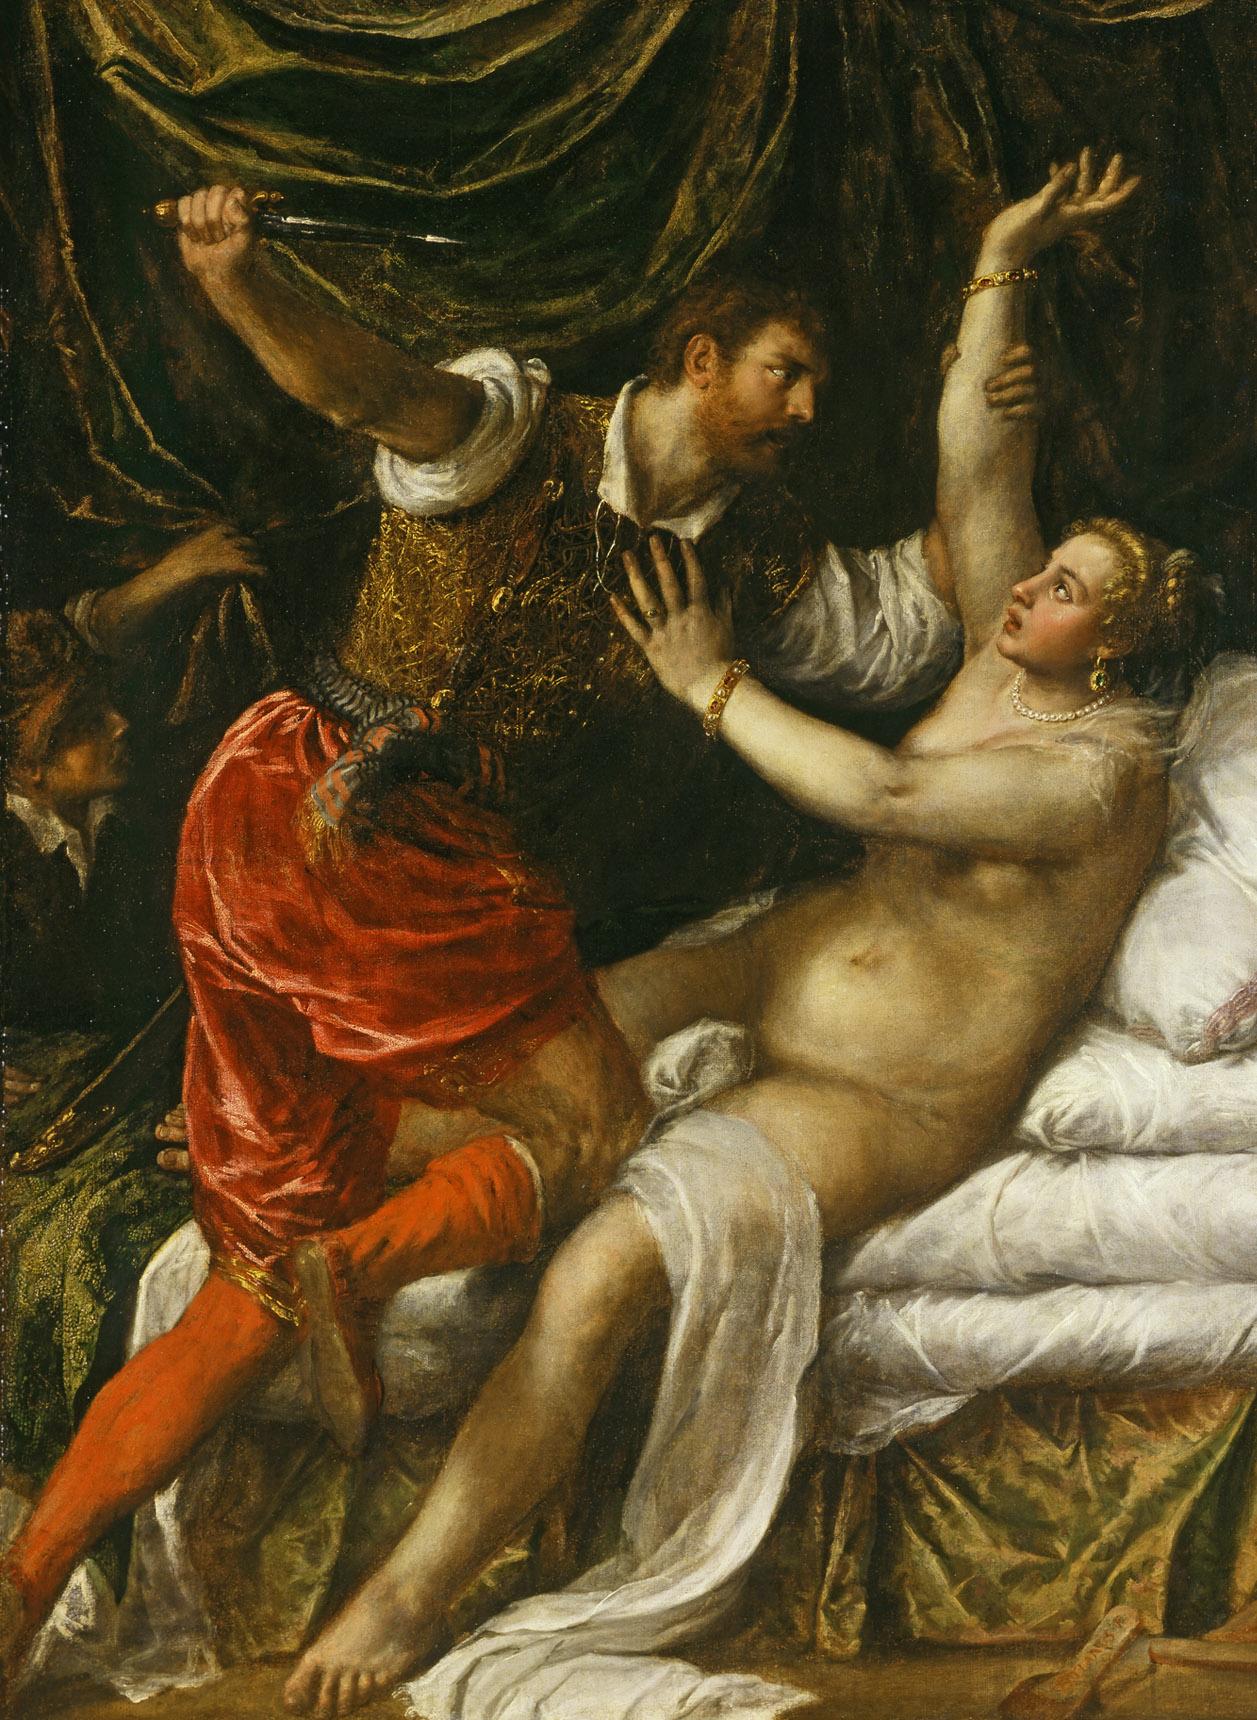 Tarquin and Lucretia by Tiziano Vecellio (Titian)